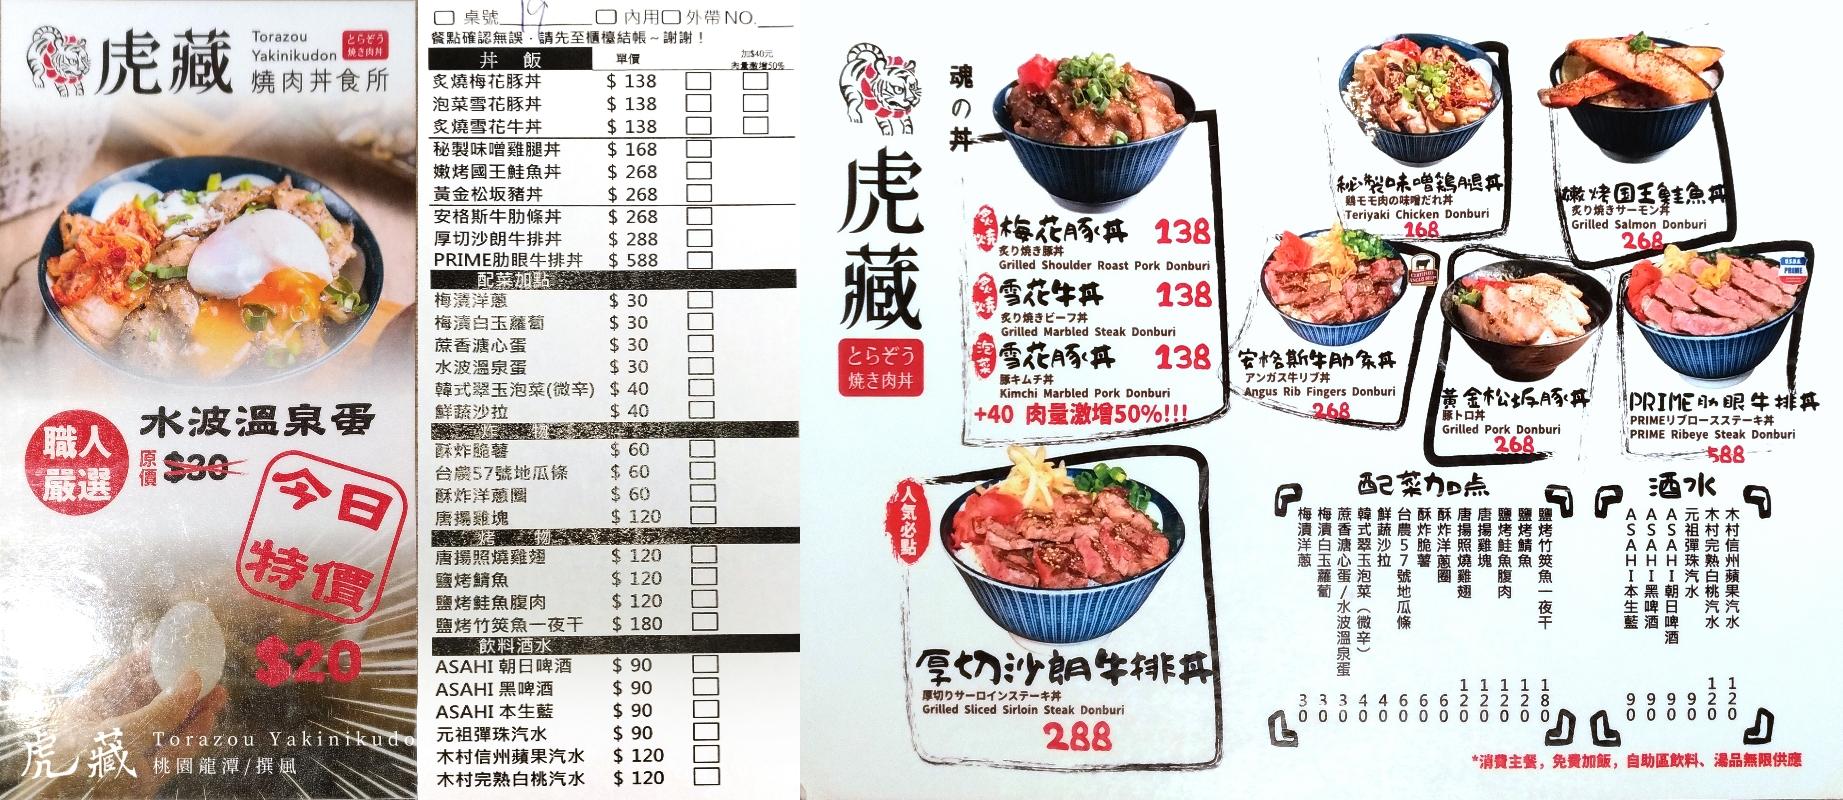 虎藏燒肉丼食飯(torazou-yakinikudon)-menu